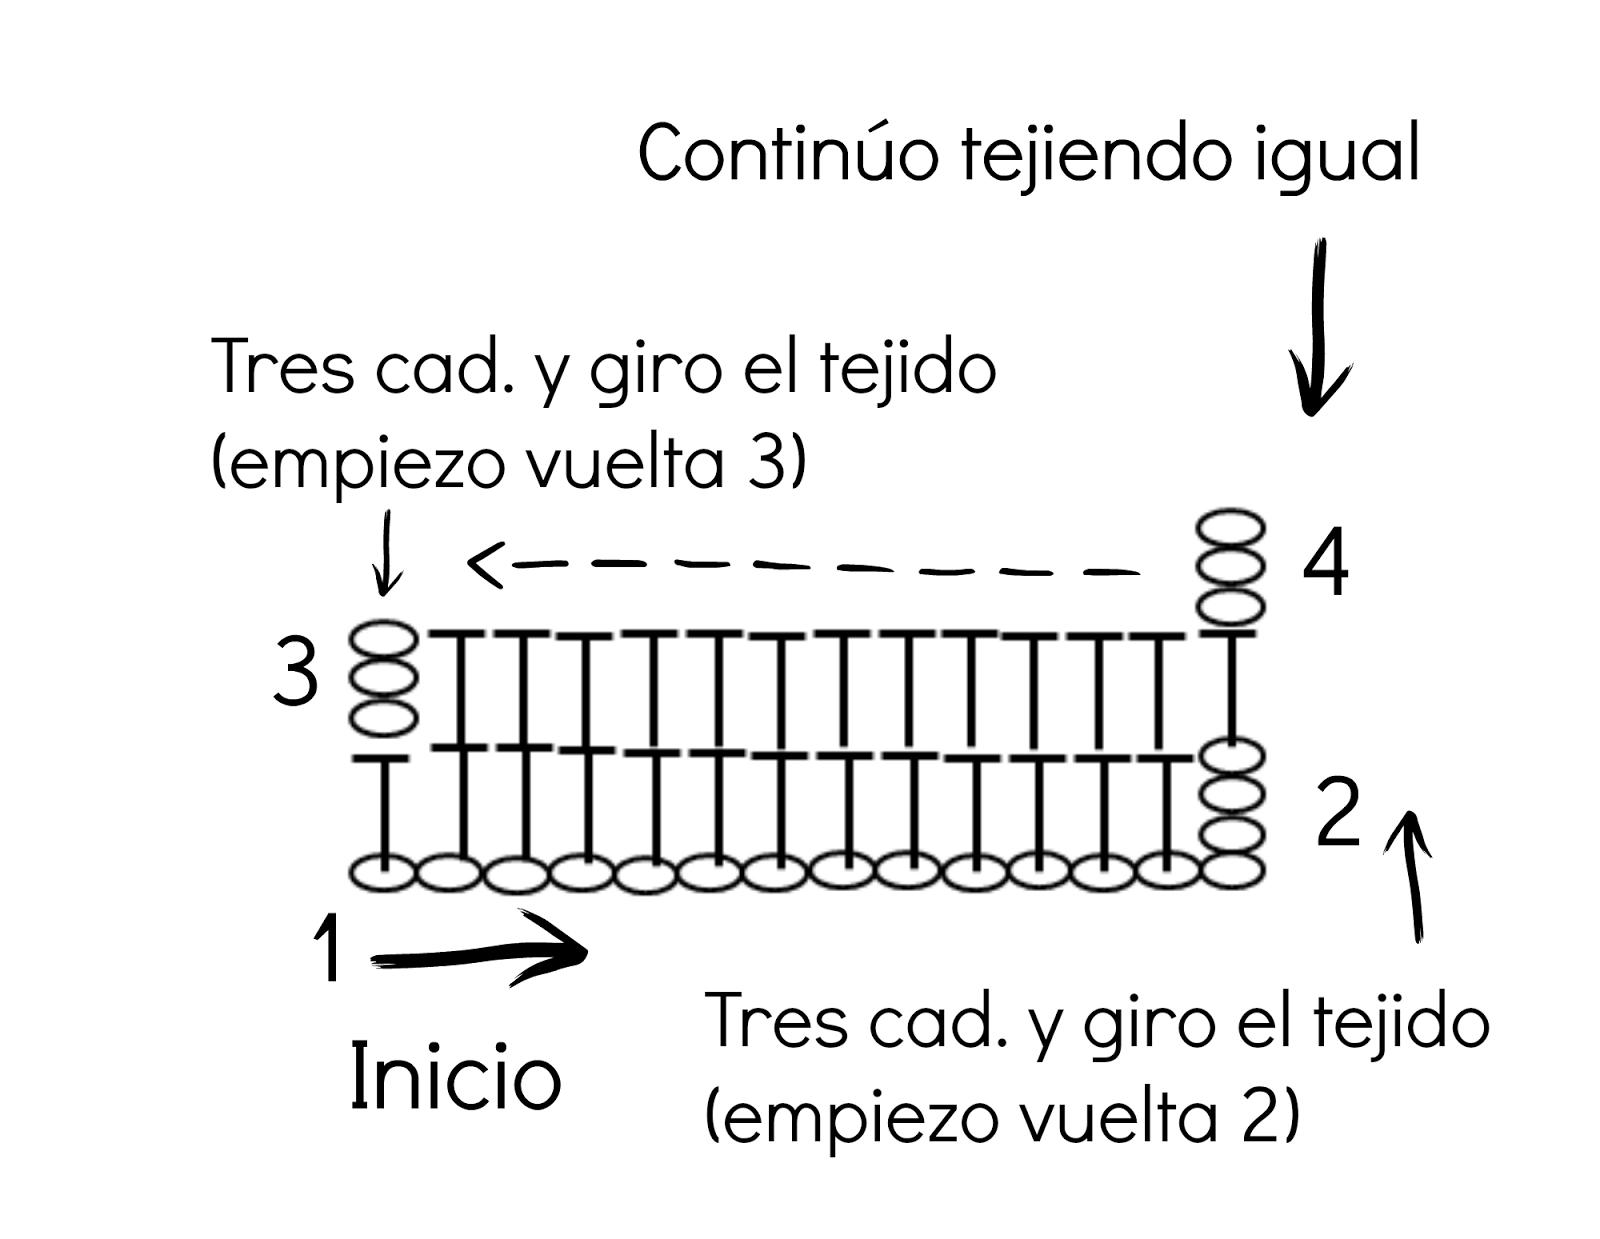 Happy Ganchillo : Aprende a leer gráficos y patrones de ganchillo (I)